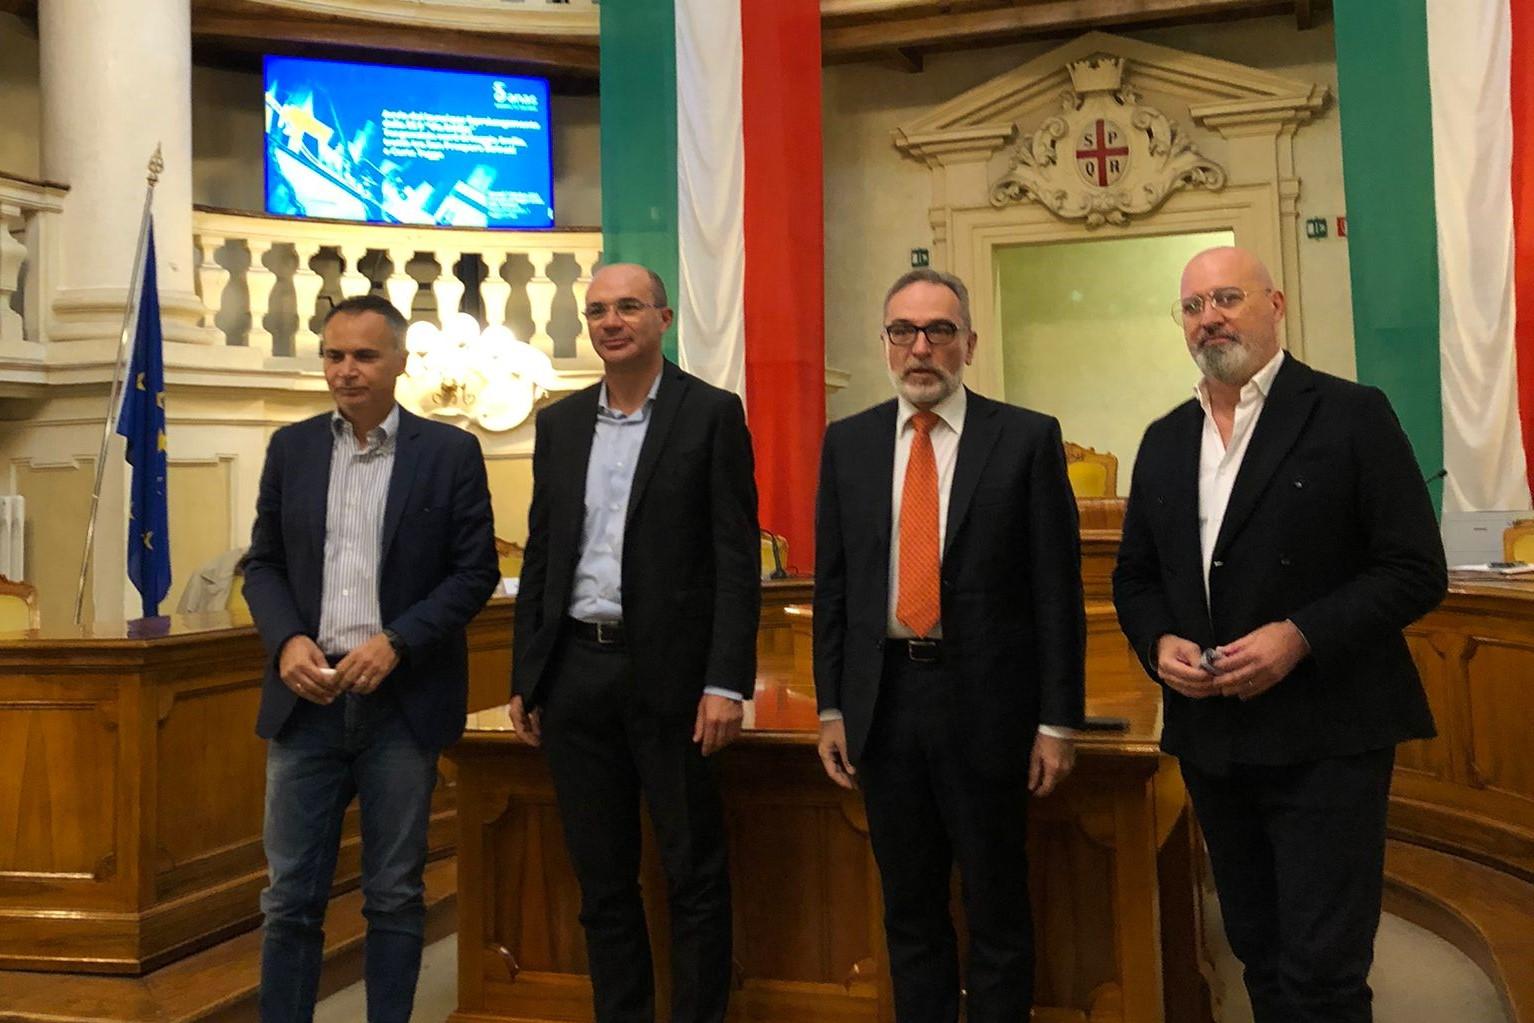 Presentazione lavori di prolungamento SS9 Tangenziale di Reggio Emilia